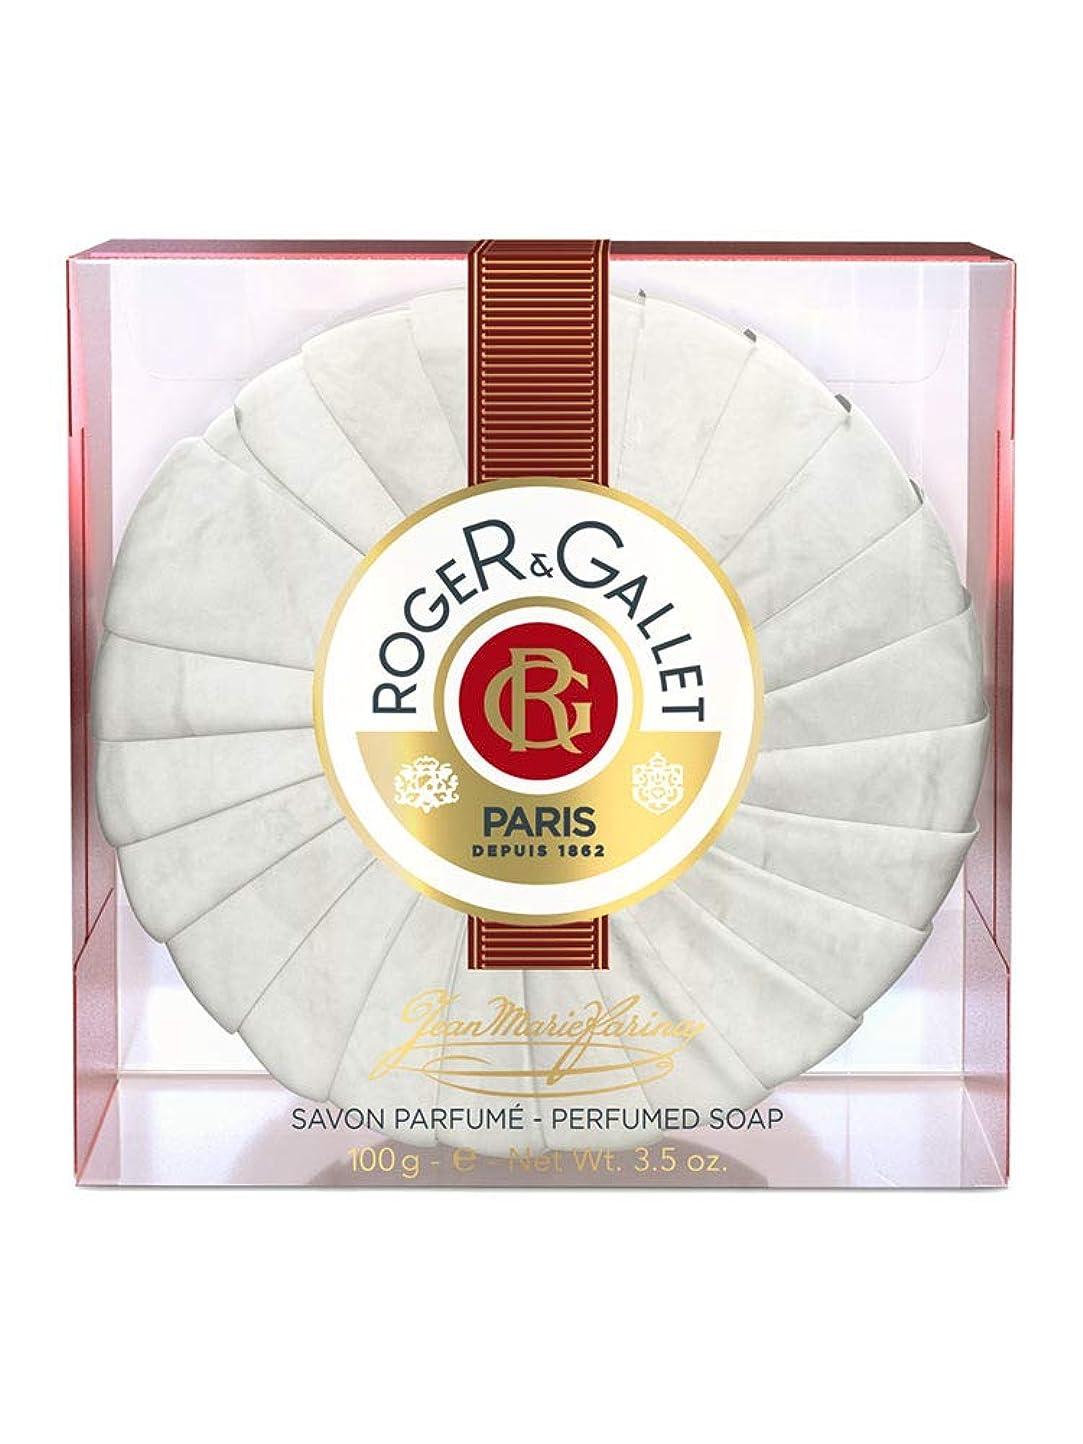 気を散らす上院モールロジェガレ ジャンマリファリナ パフュームソープ (香水石鹸) 100g ROGER&GALLET JEAN MARIE FARINA SOAP(プラスチック簡易ケース入り) [並行輸入品]